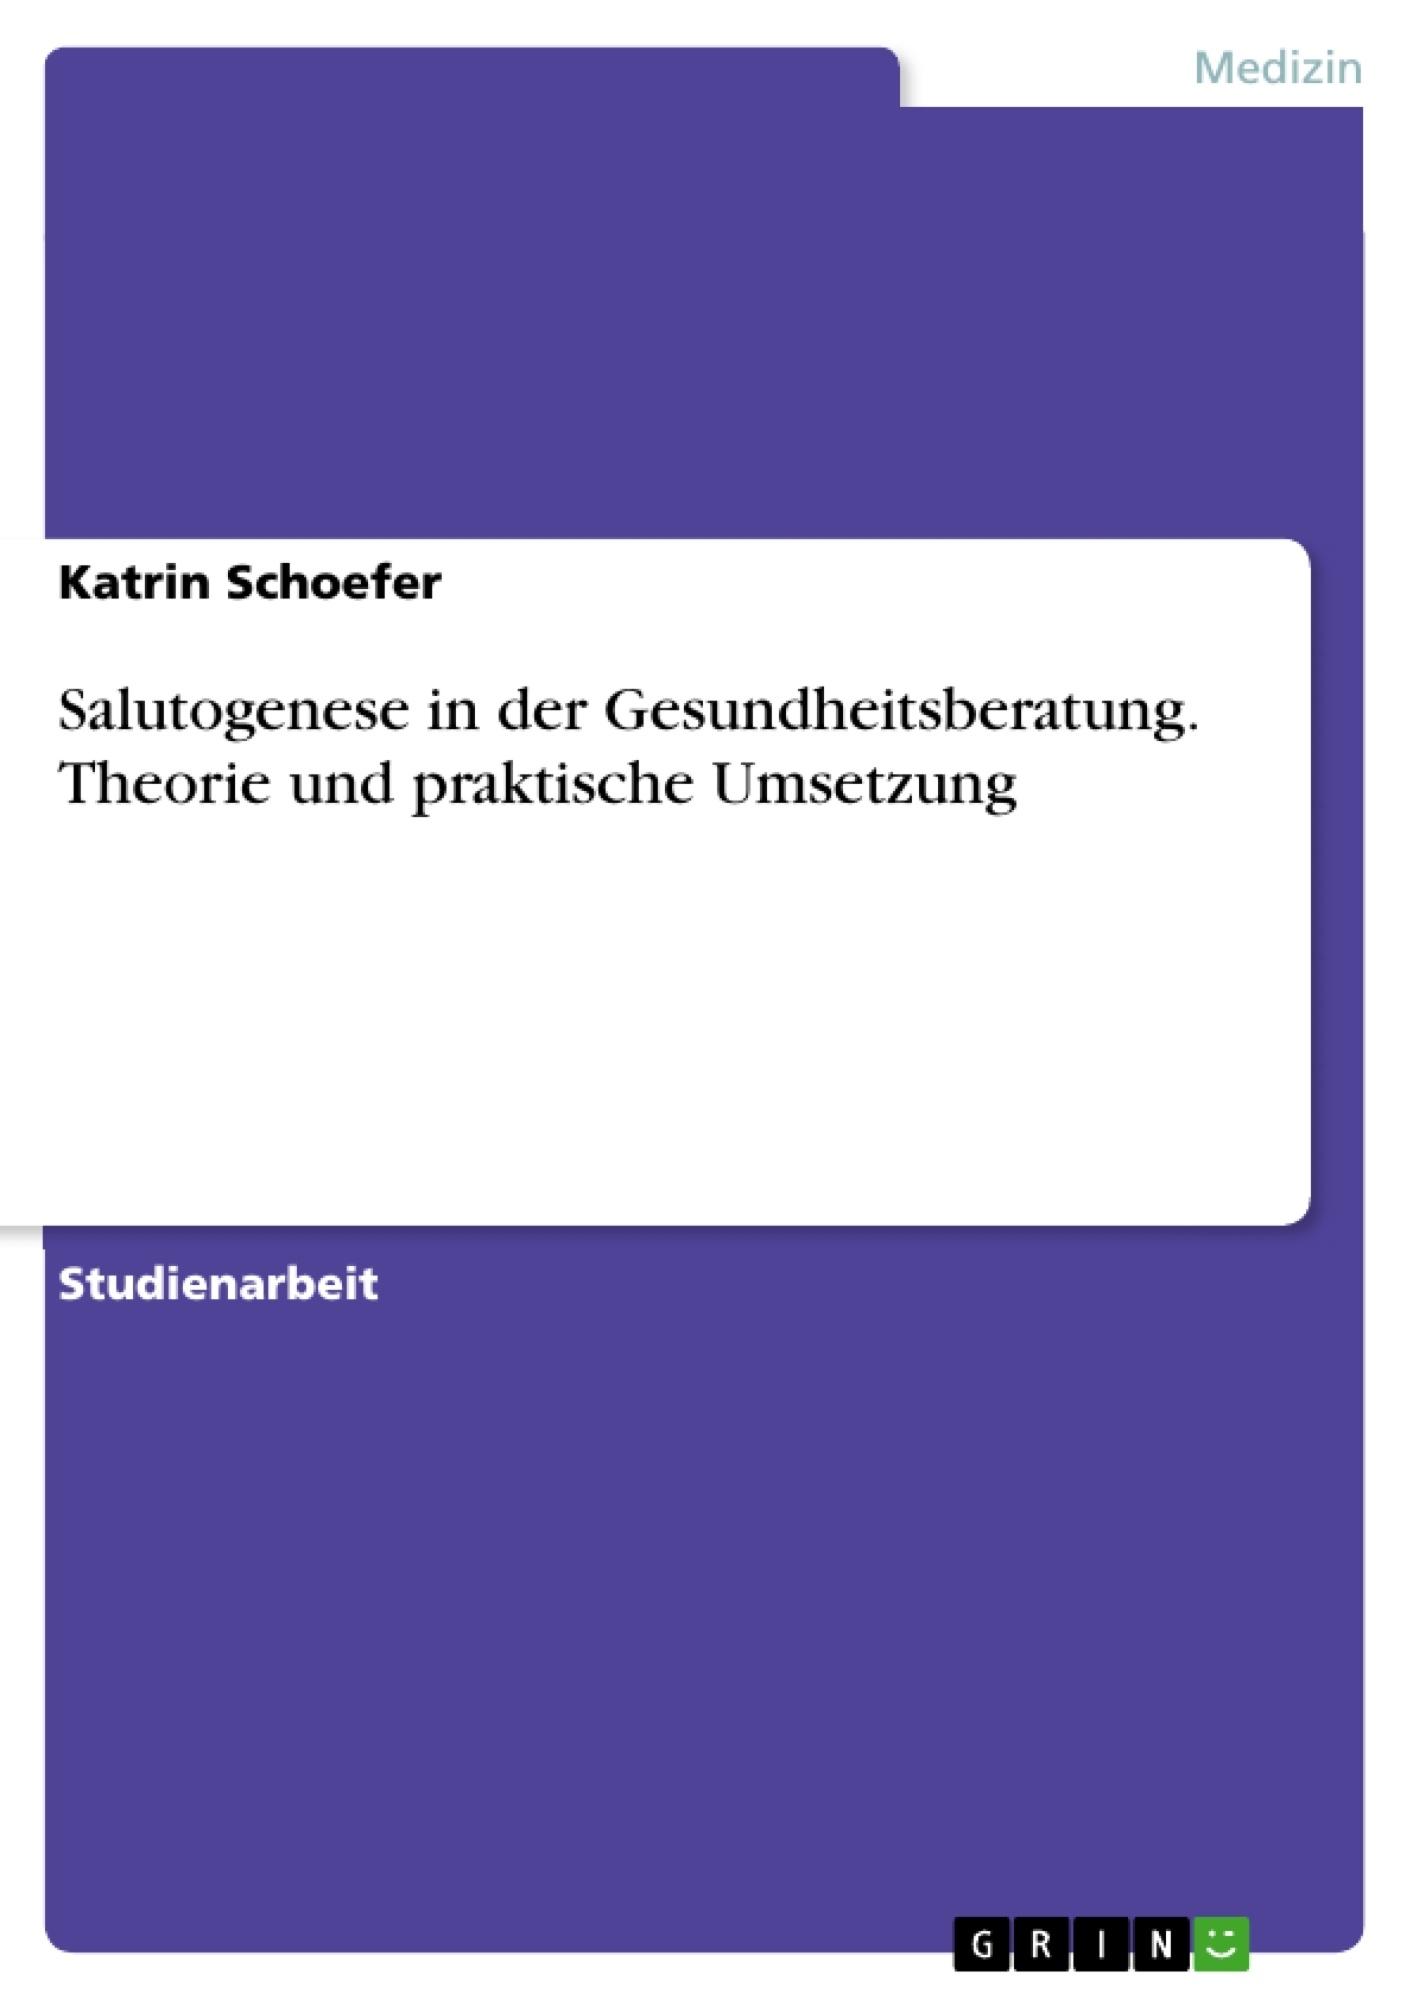 Título: Salutogenese in der Gesundheitsberatung. Theorie und praktische Umsetzung